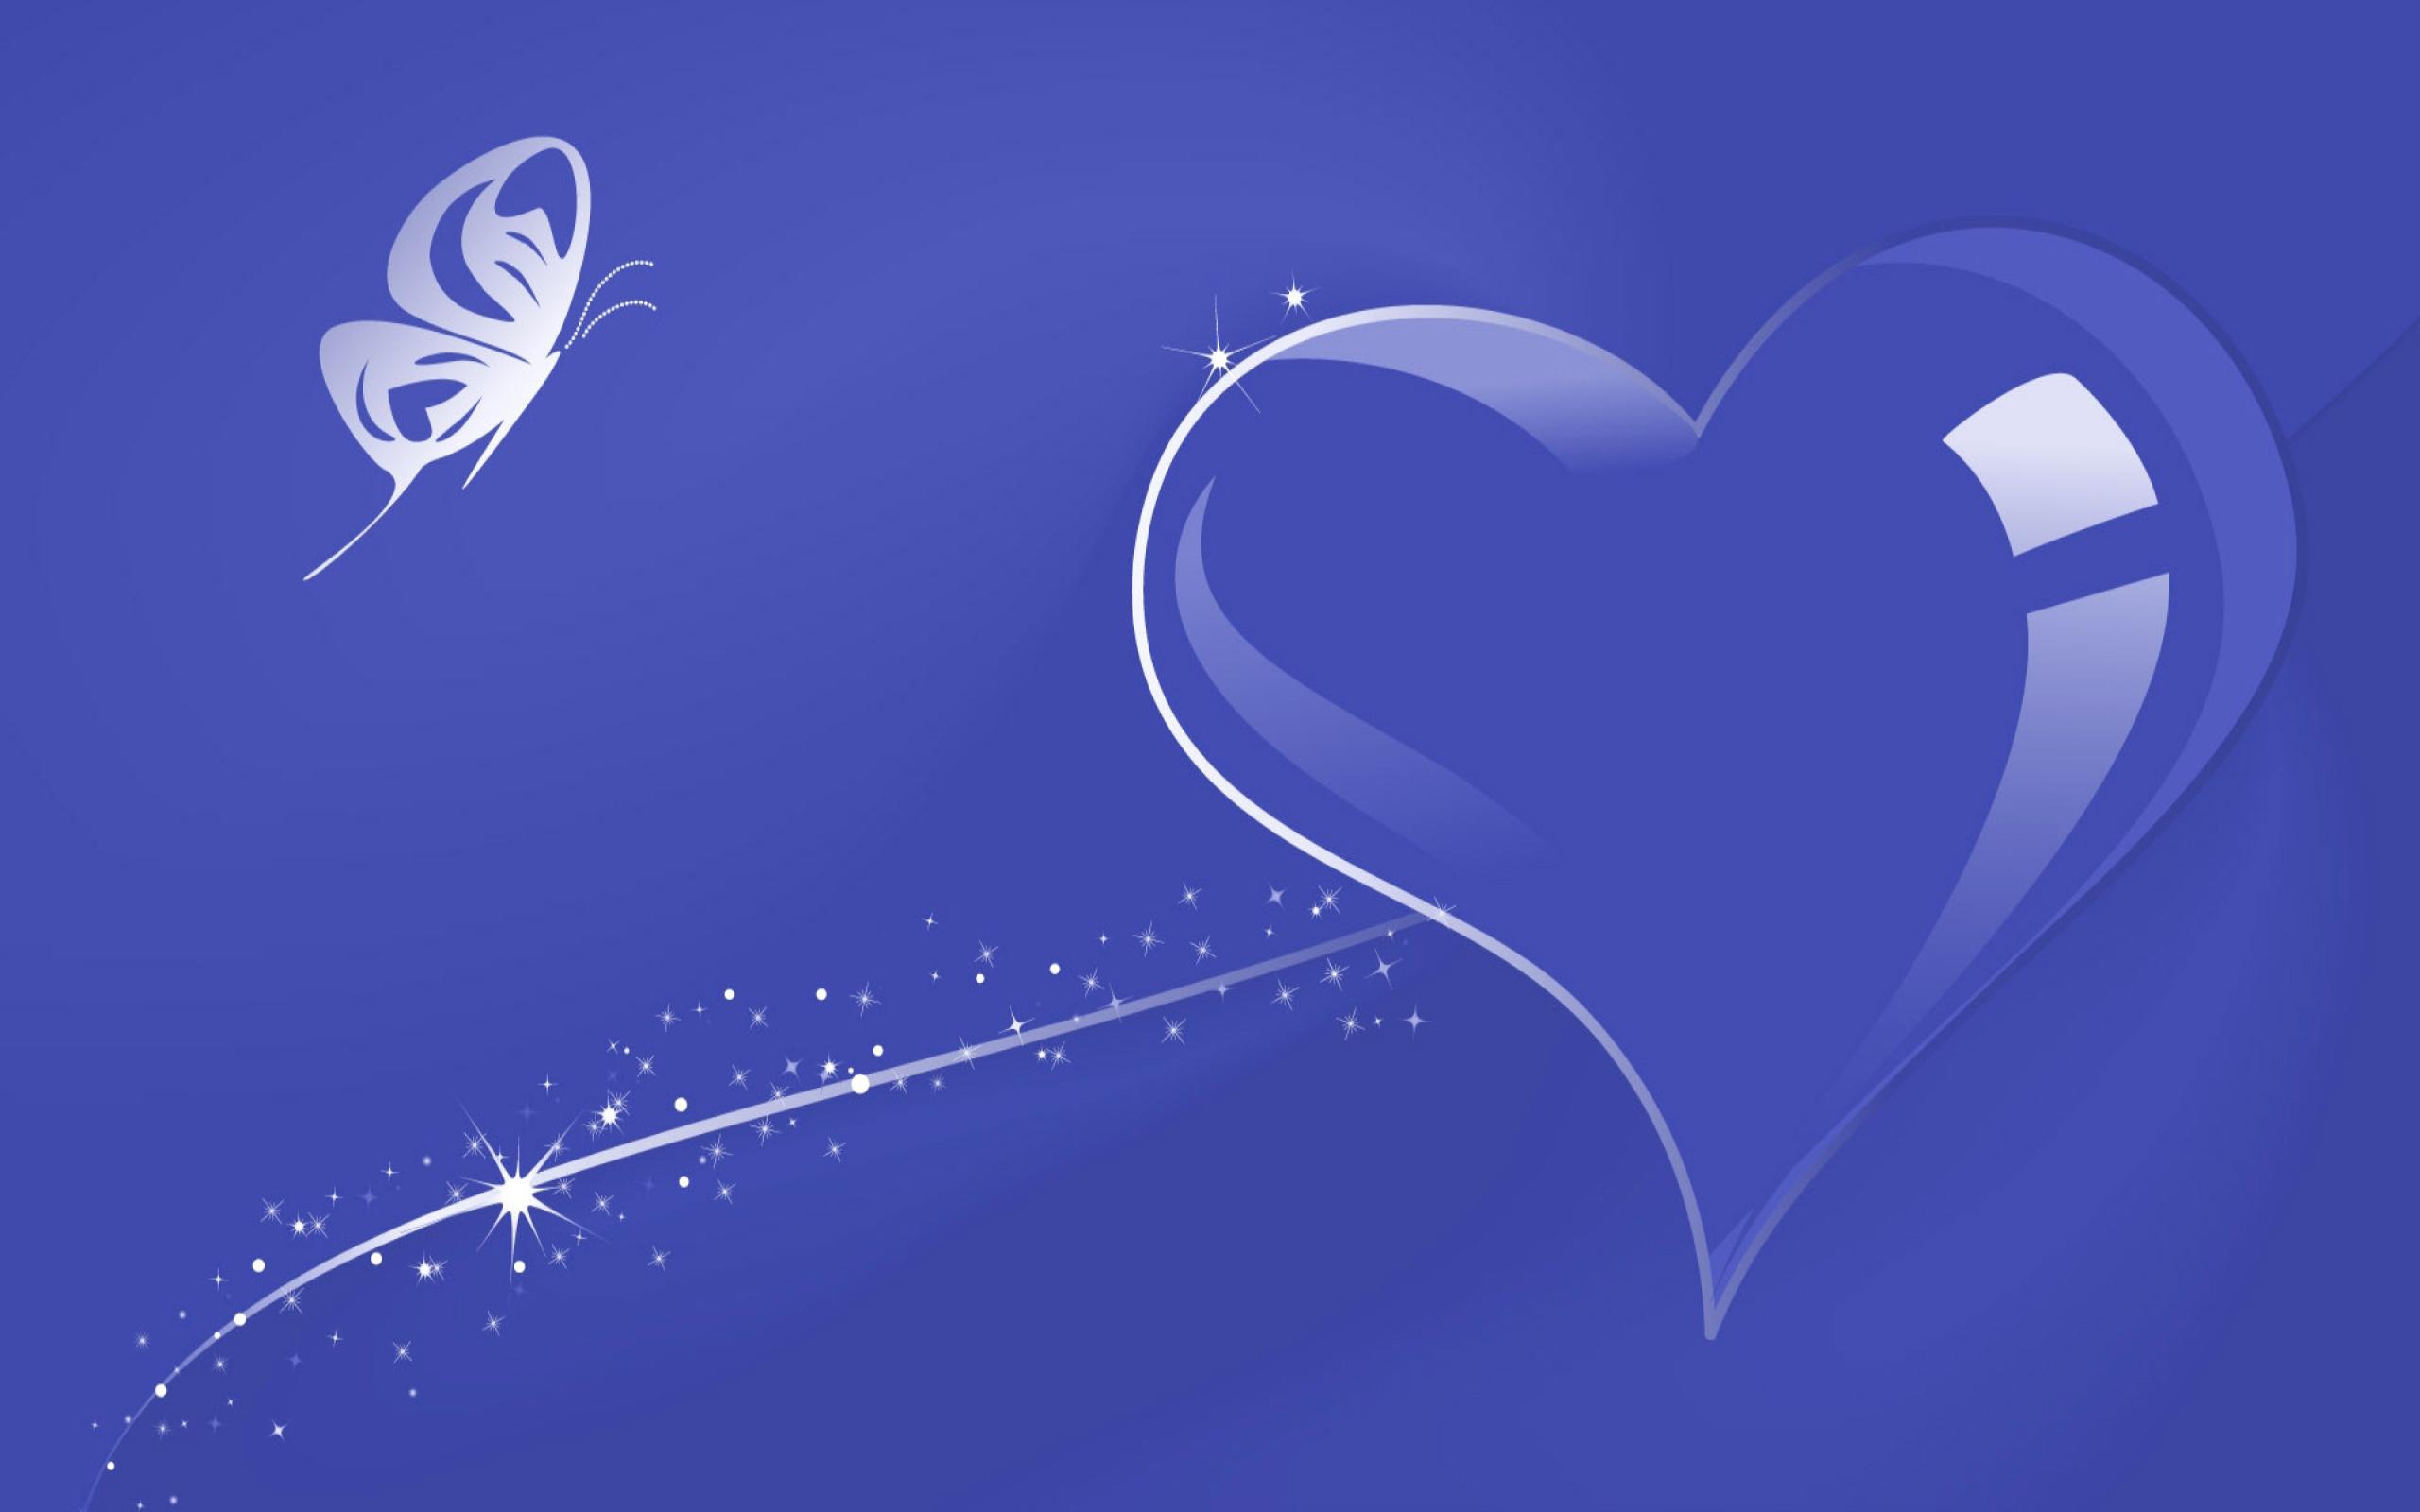 знание анатомии день валентина открытка в голубом цвете этого них сразу